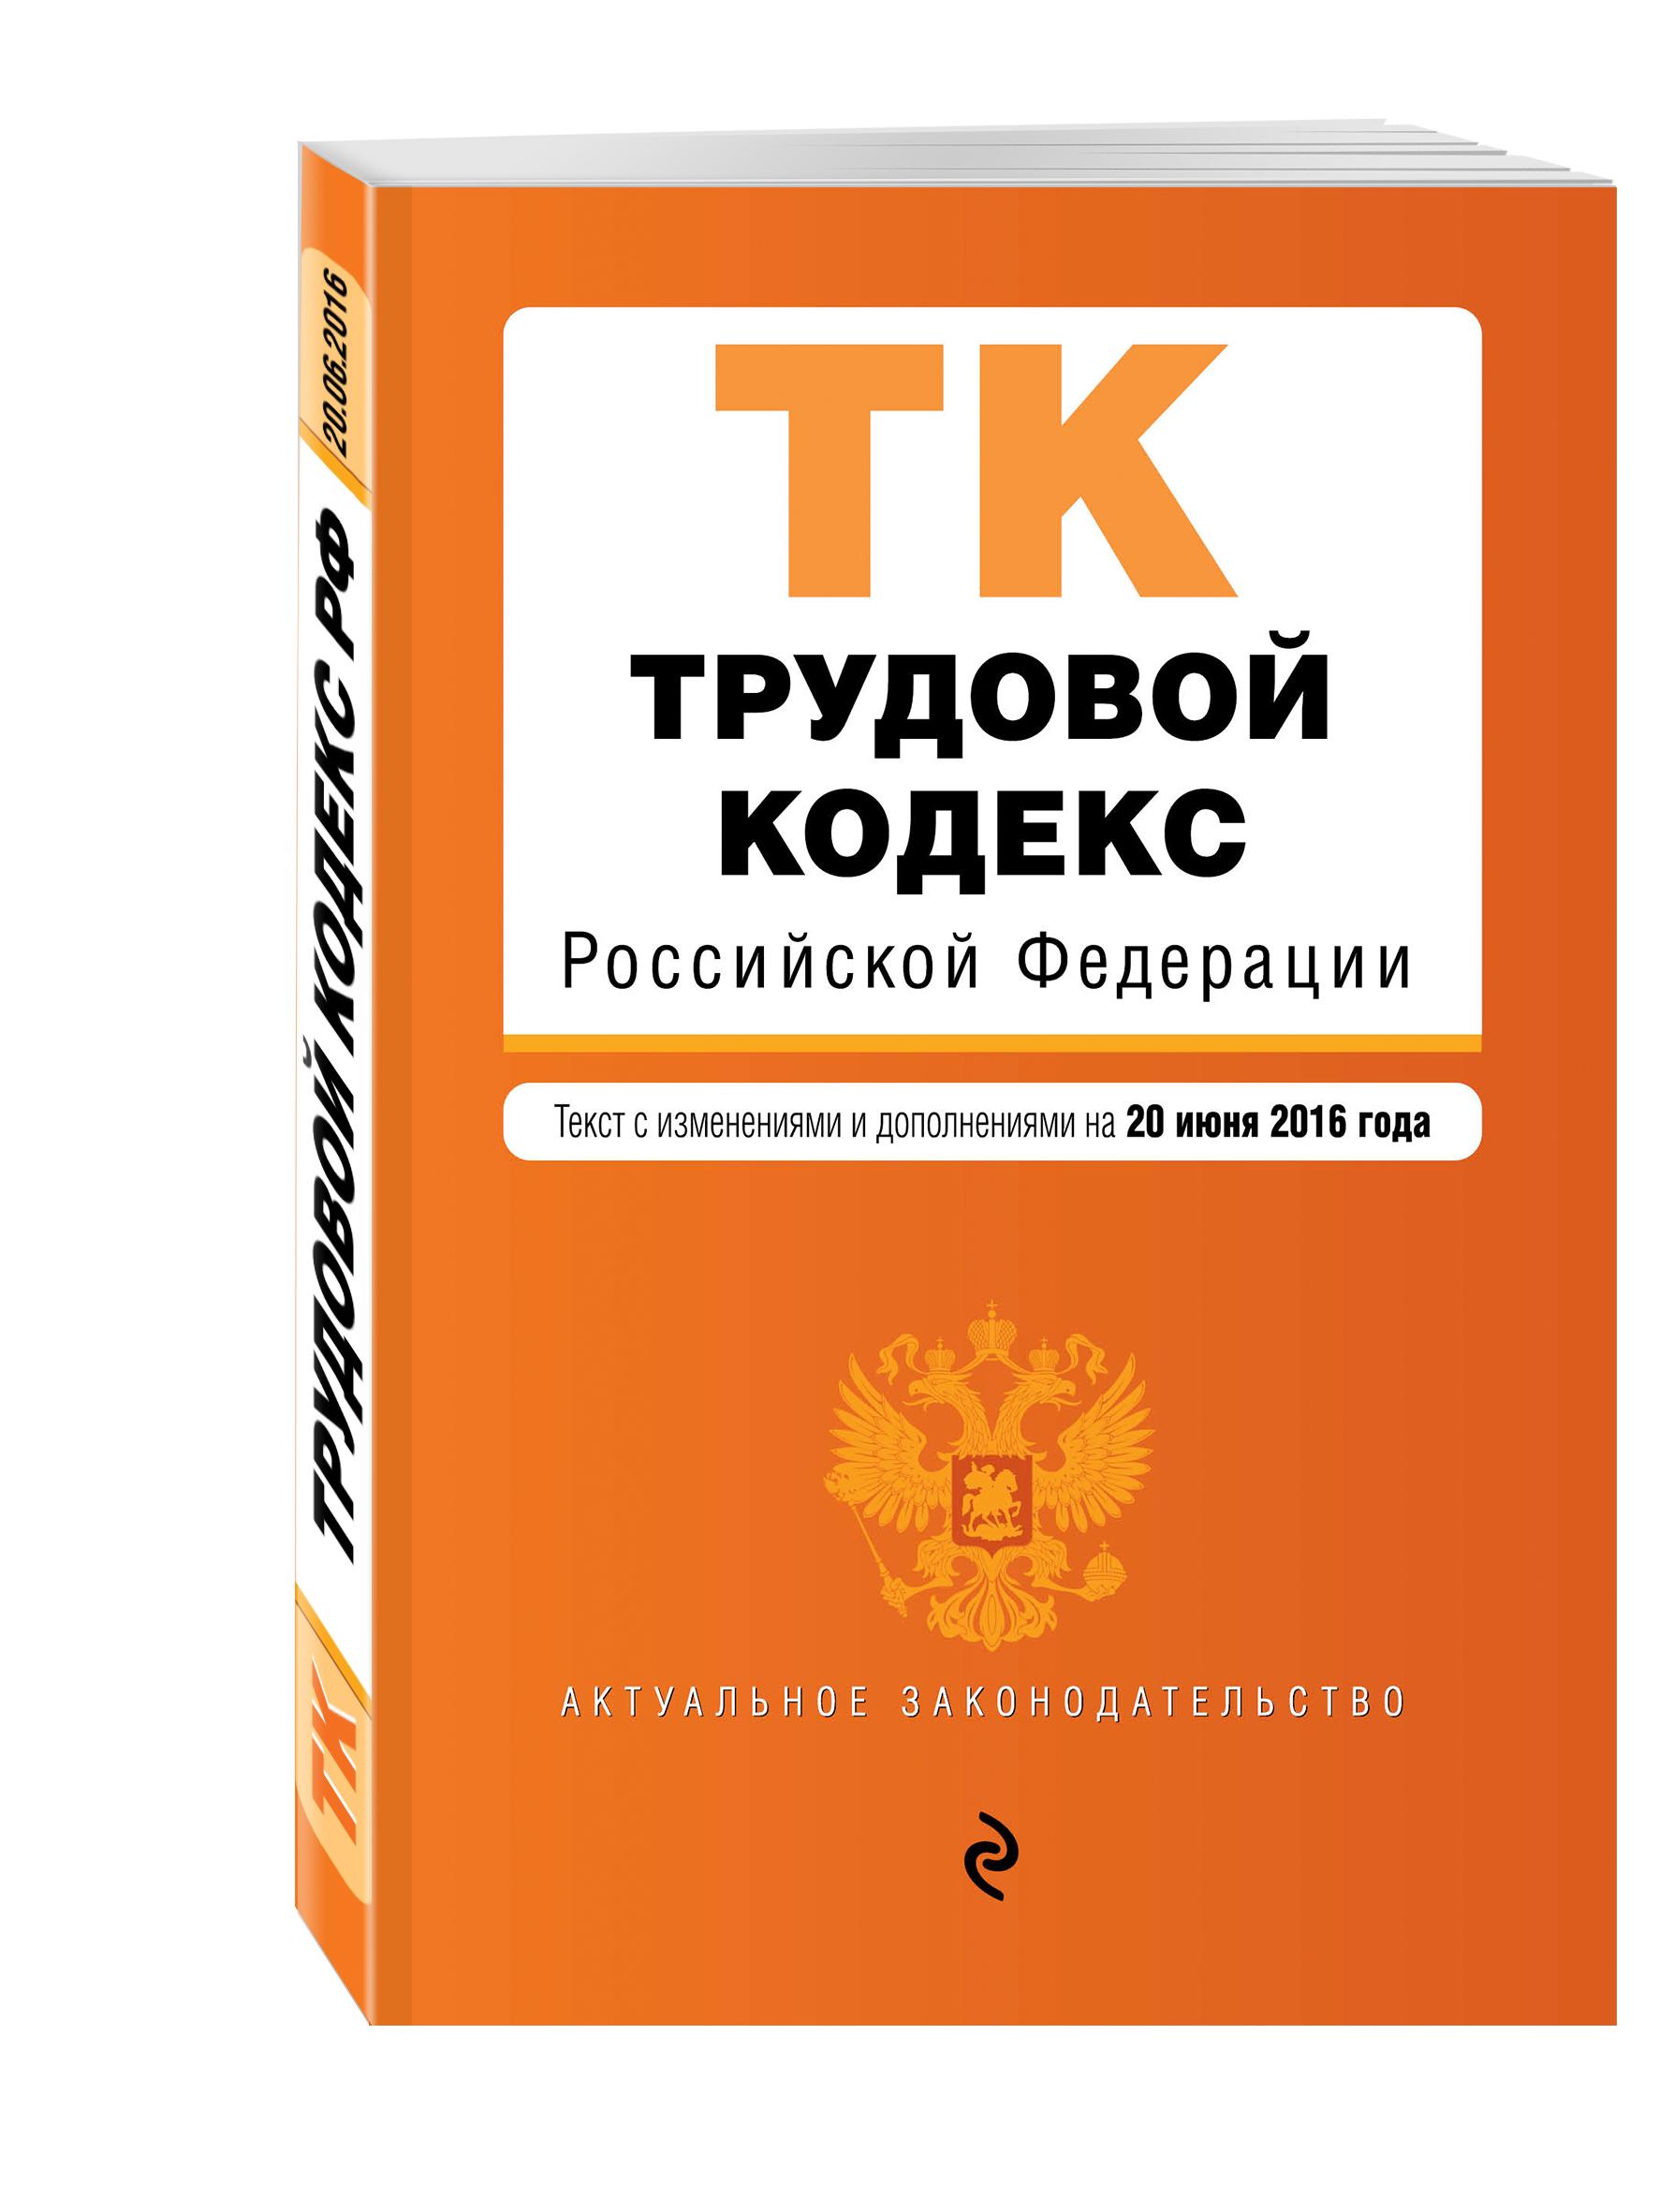 Трудовой кодекс Российской Федерации : текст с изм. и доп. на 20 июня 2016 г. от book24.ru